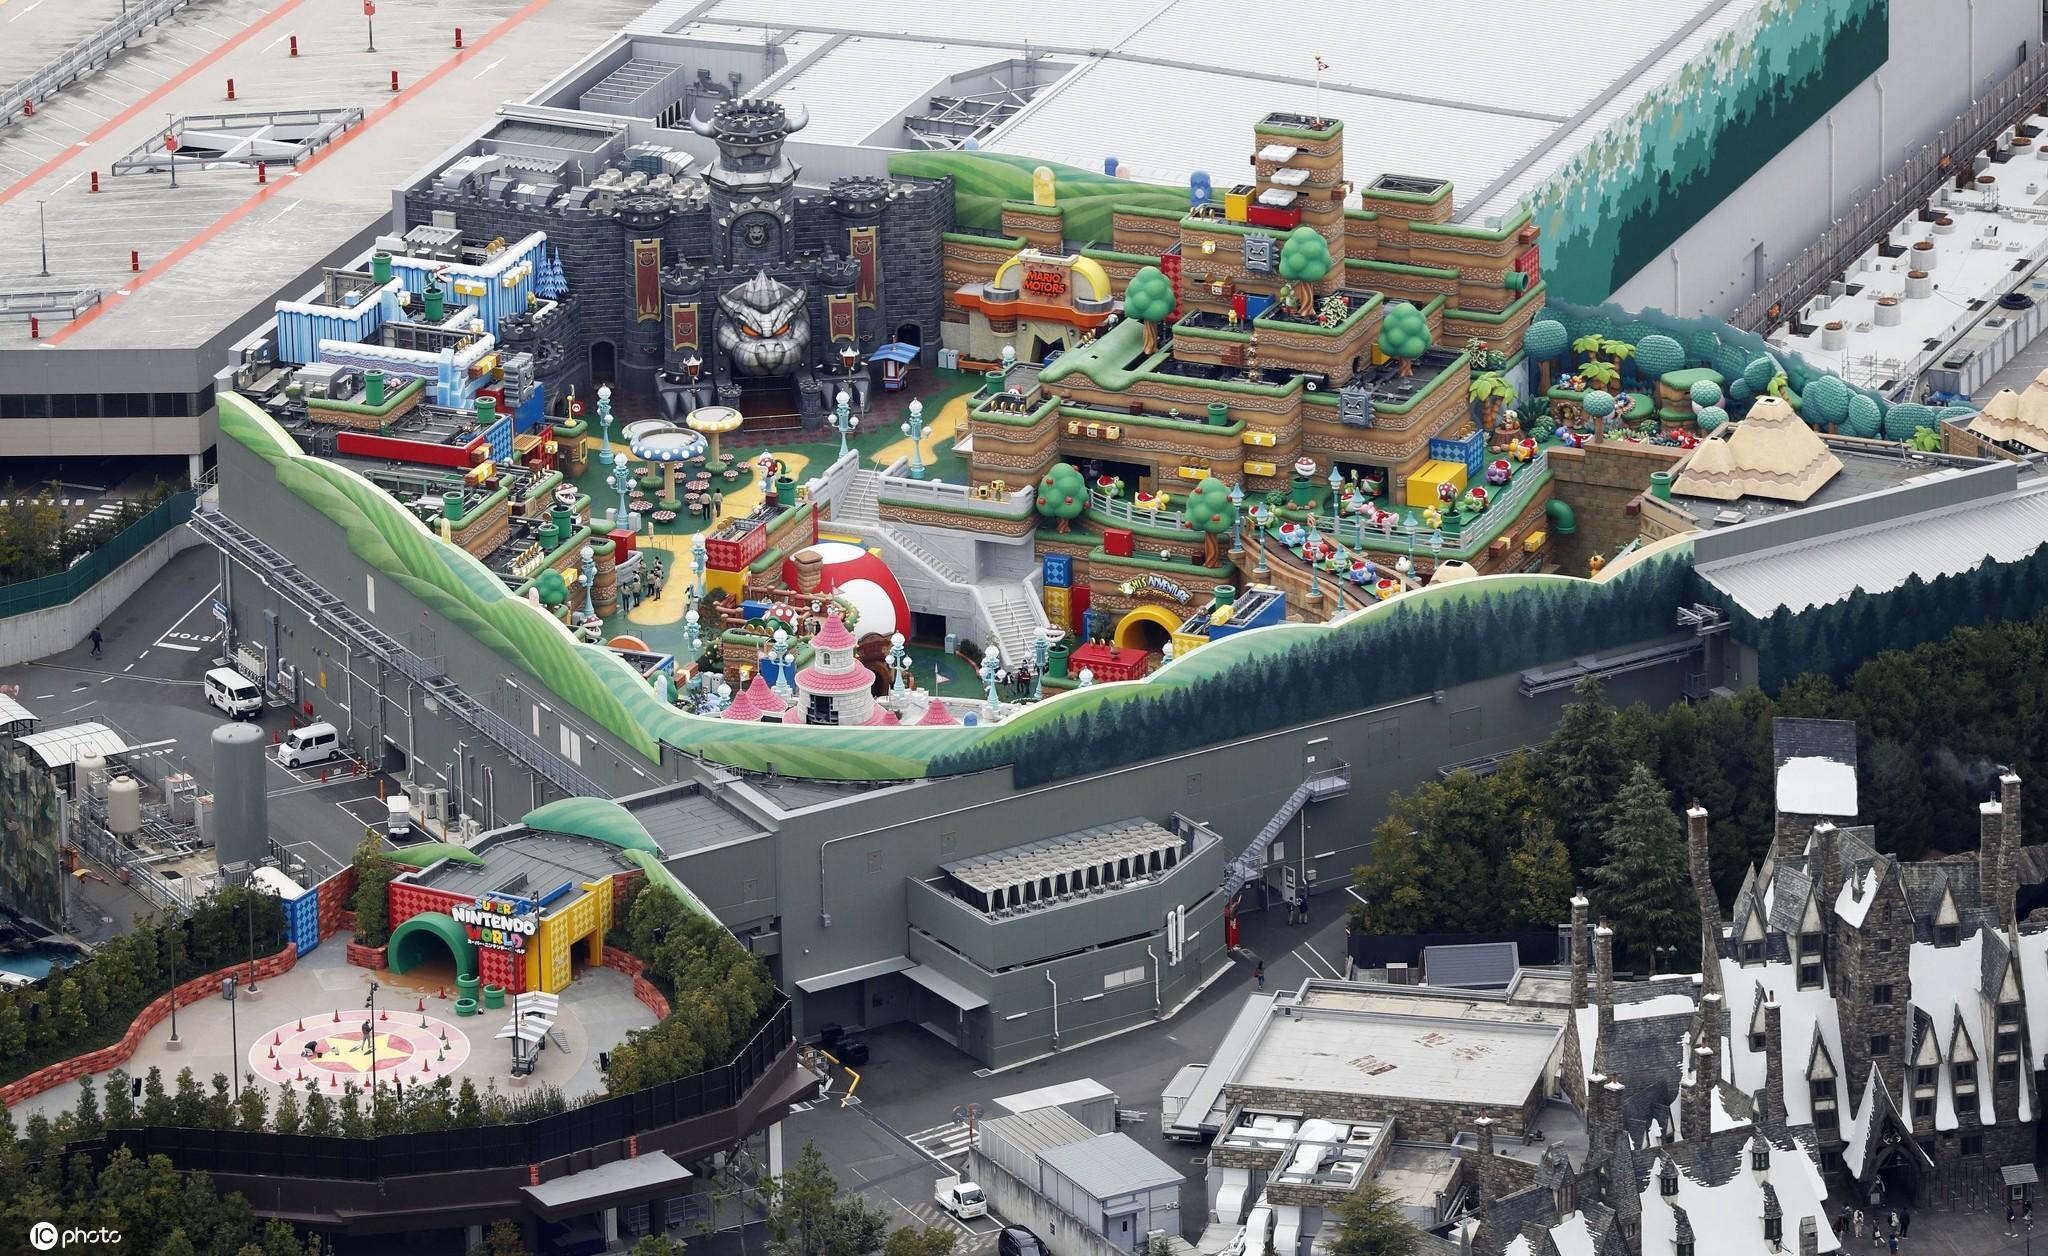 日本环球影城打造超级任天堂主题乐园将开业